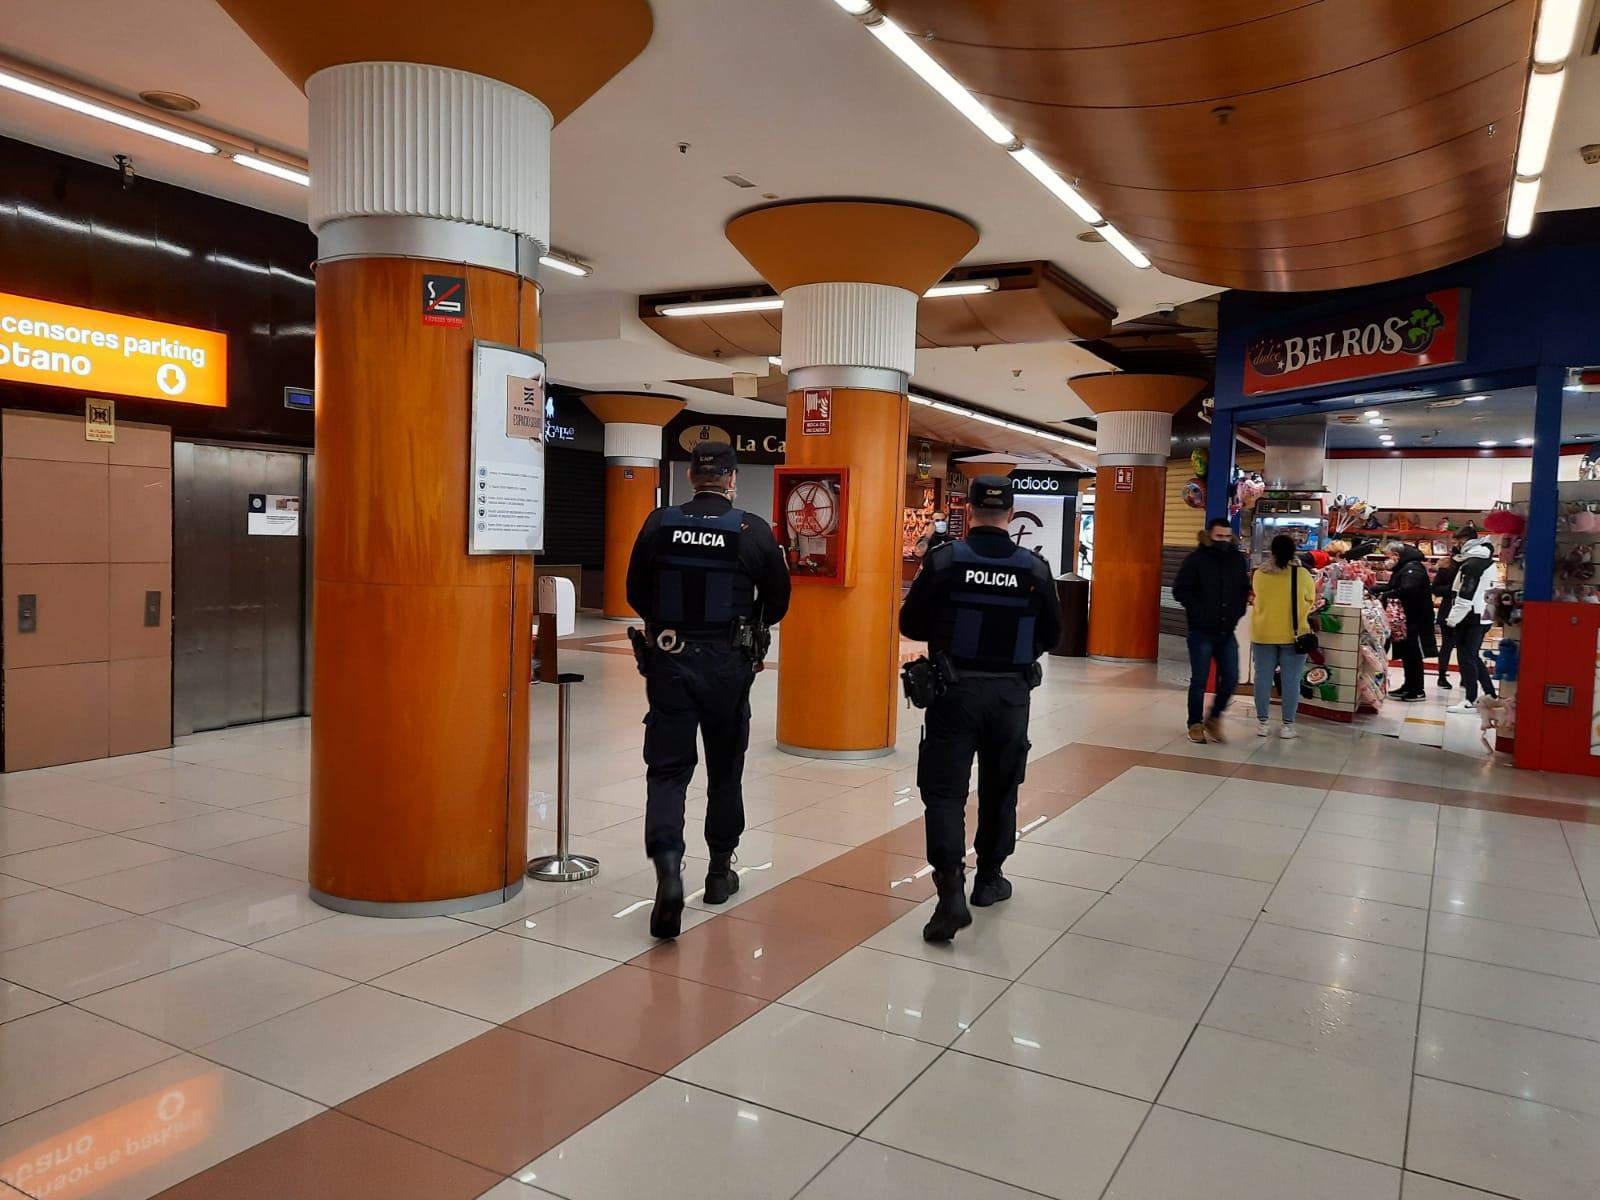 La Policía de la Generalitat inspecciona 78 locales y cierra 3 por incumplir las medidas higiénico-sanitarias